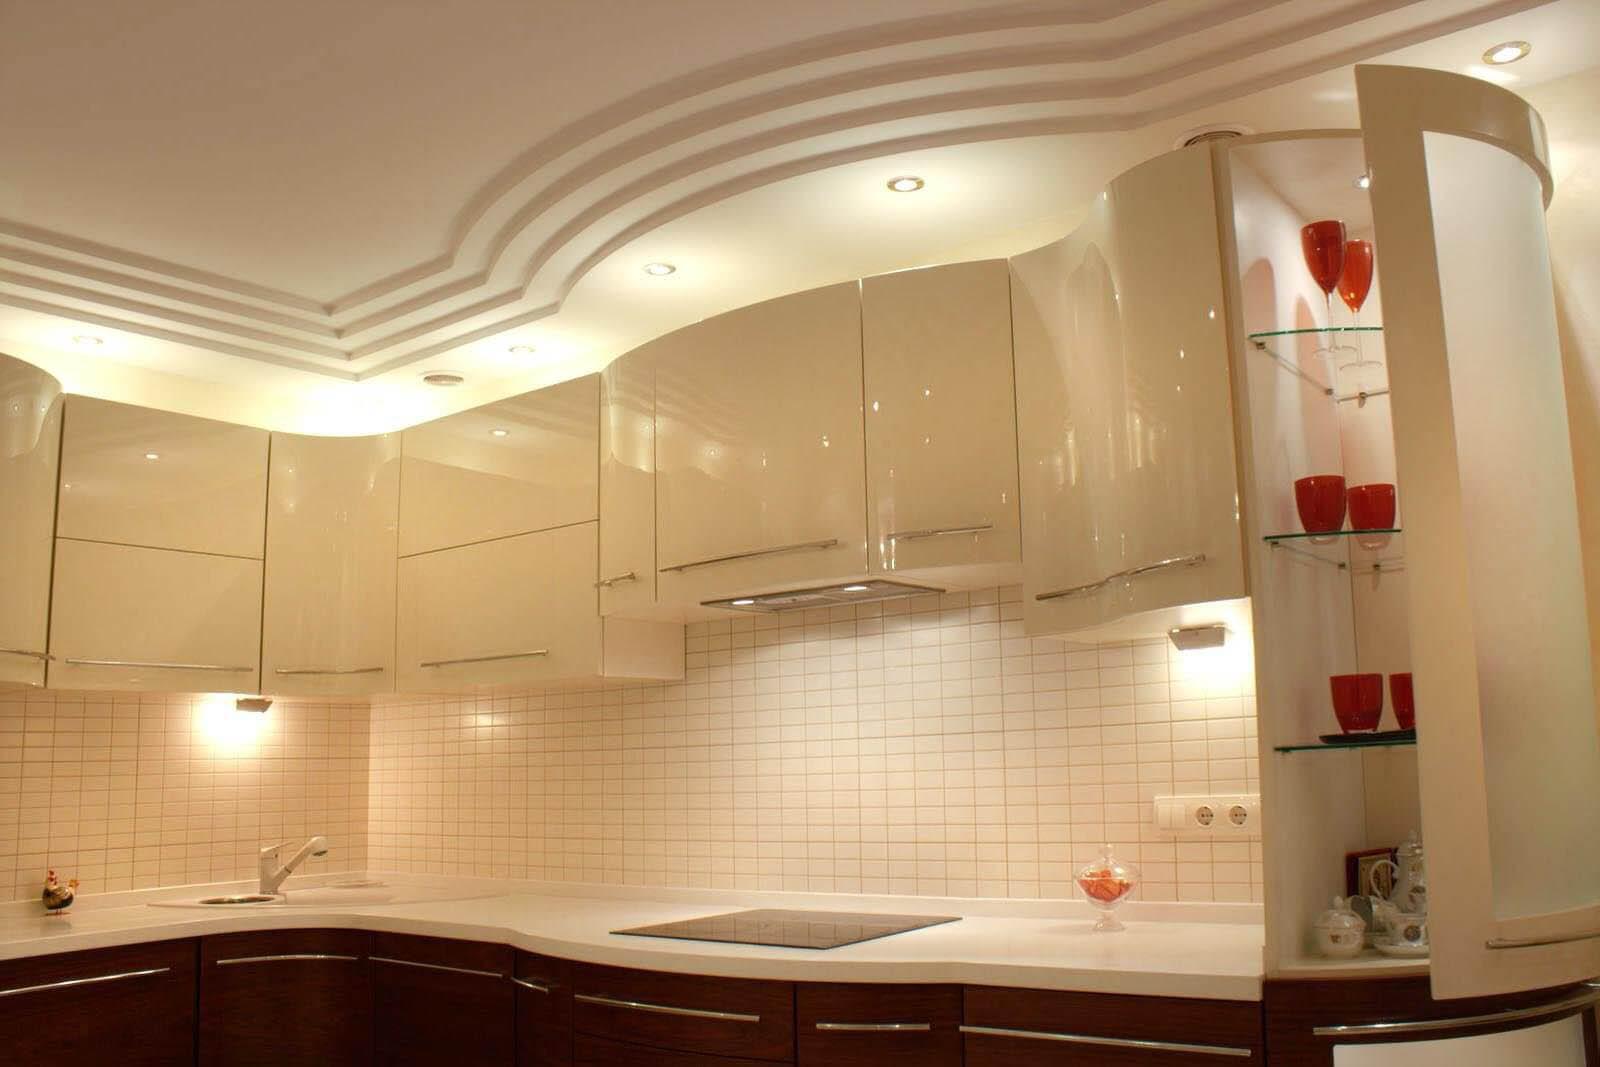 Дизайн потолков из гипсокартона для кухни-фото самые лучшие